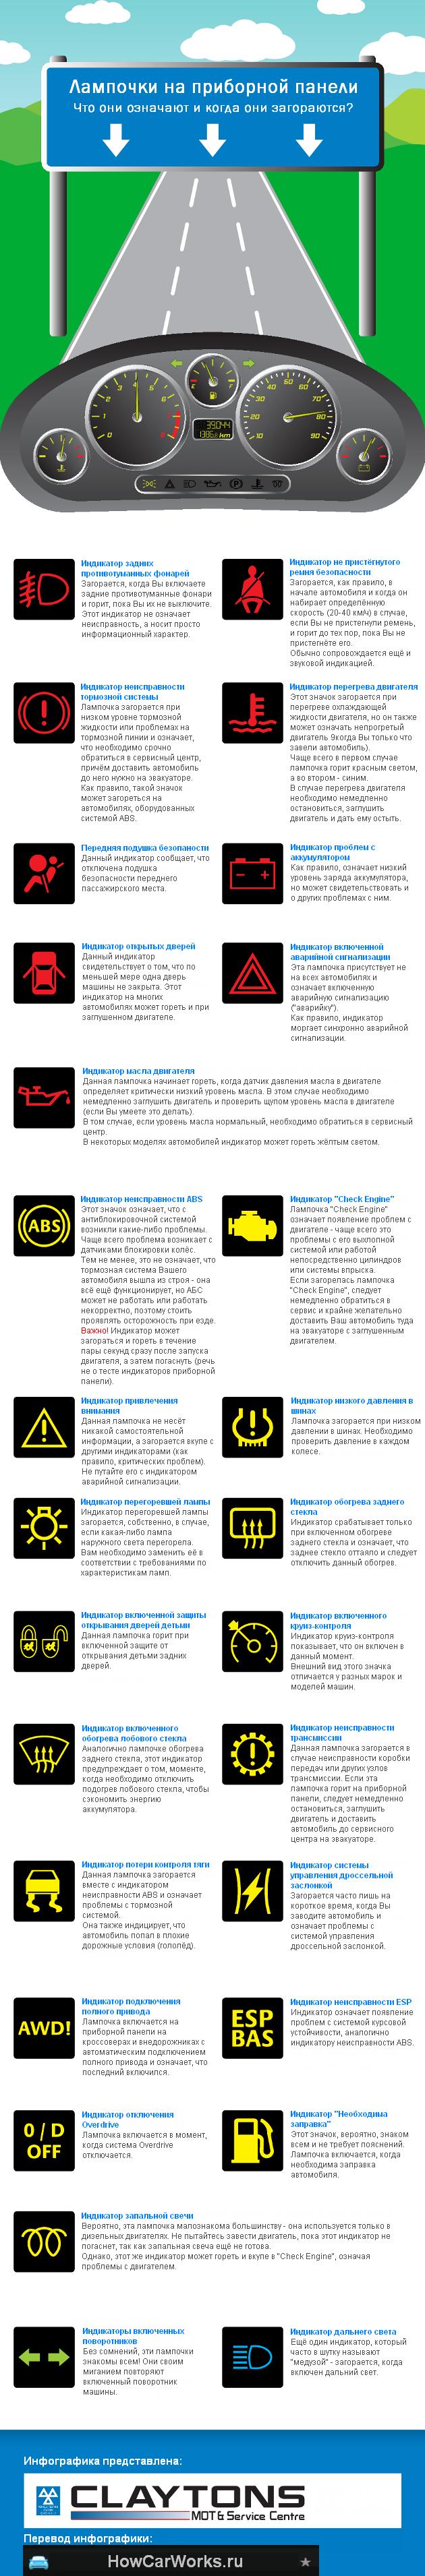 Инфографика Какие лампочки горят на панели приборов  Инфографика Что означают индикаторы на приборной панели текстом